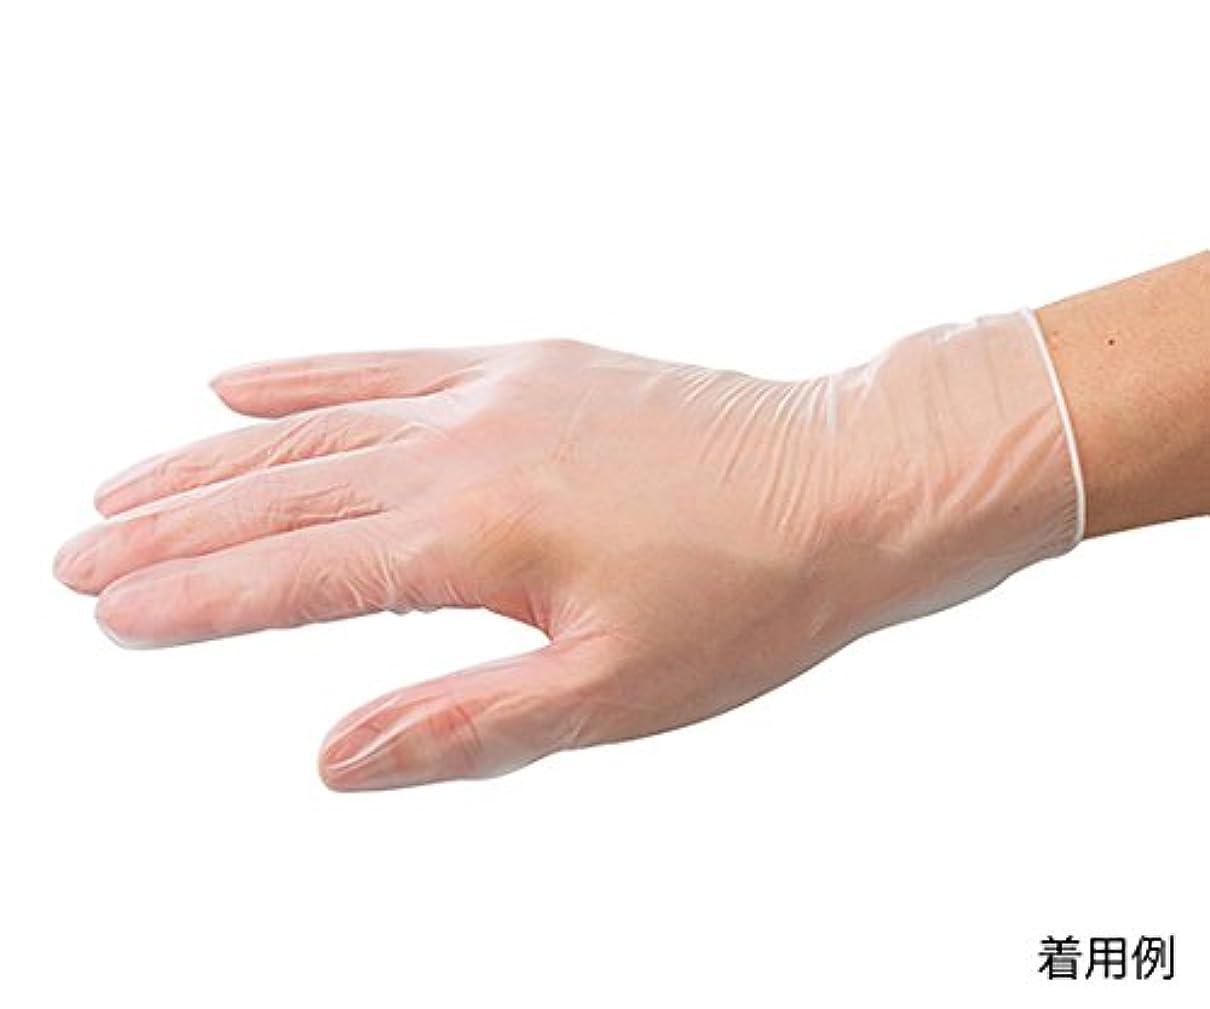 広まったデコードするペースARメディコム?インク?アジアリミテッド7-3726-02バイタルプラスチック手袋(パウダーフリー)M150枚入